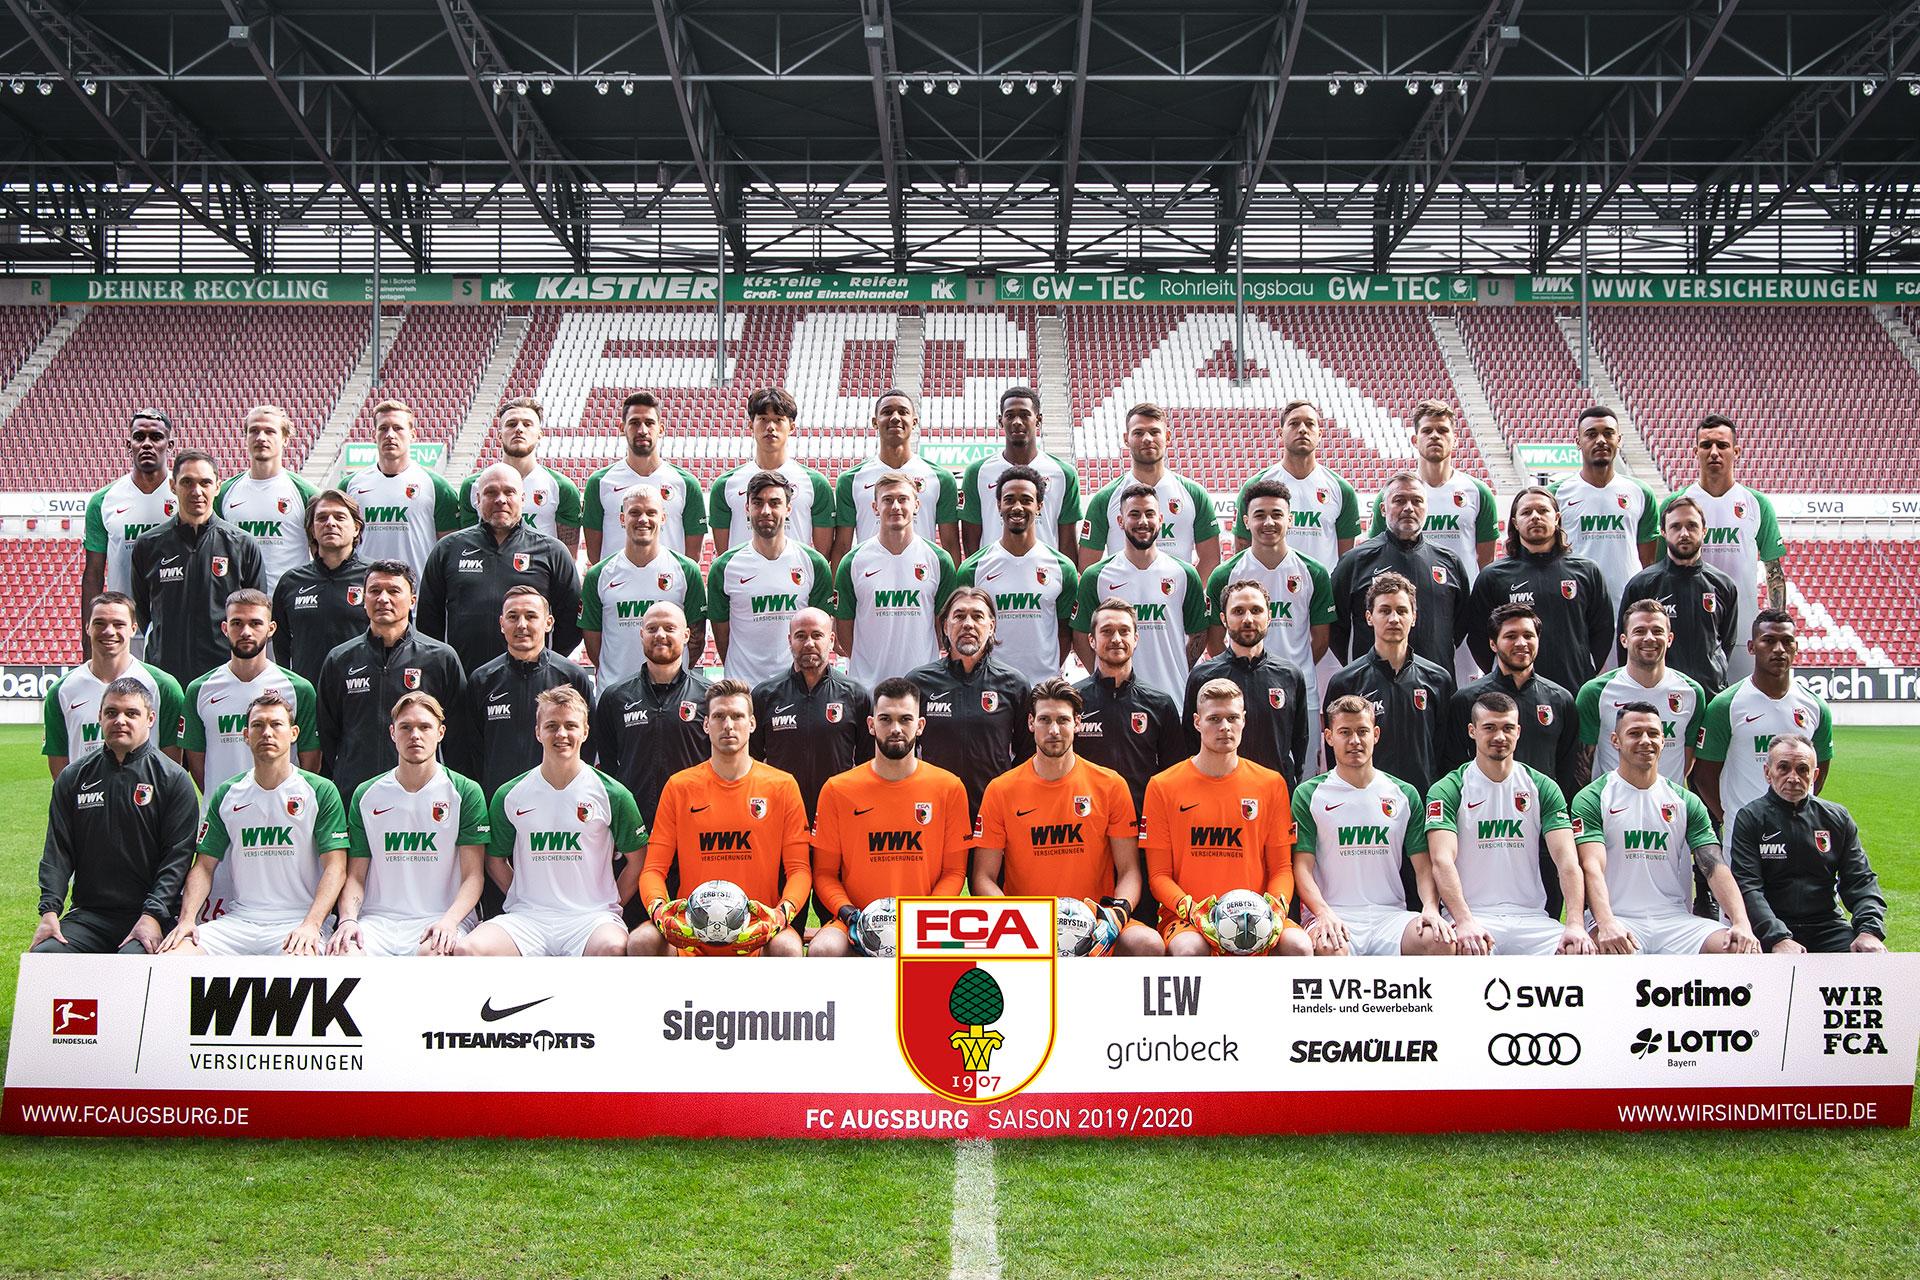 Jadwal Skuad Augsburg 2020